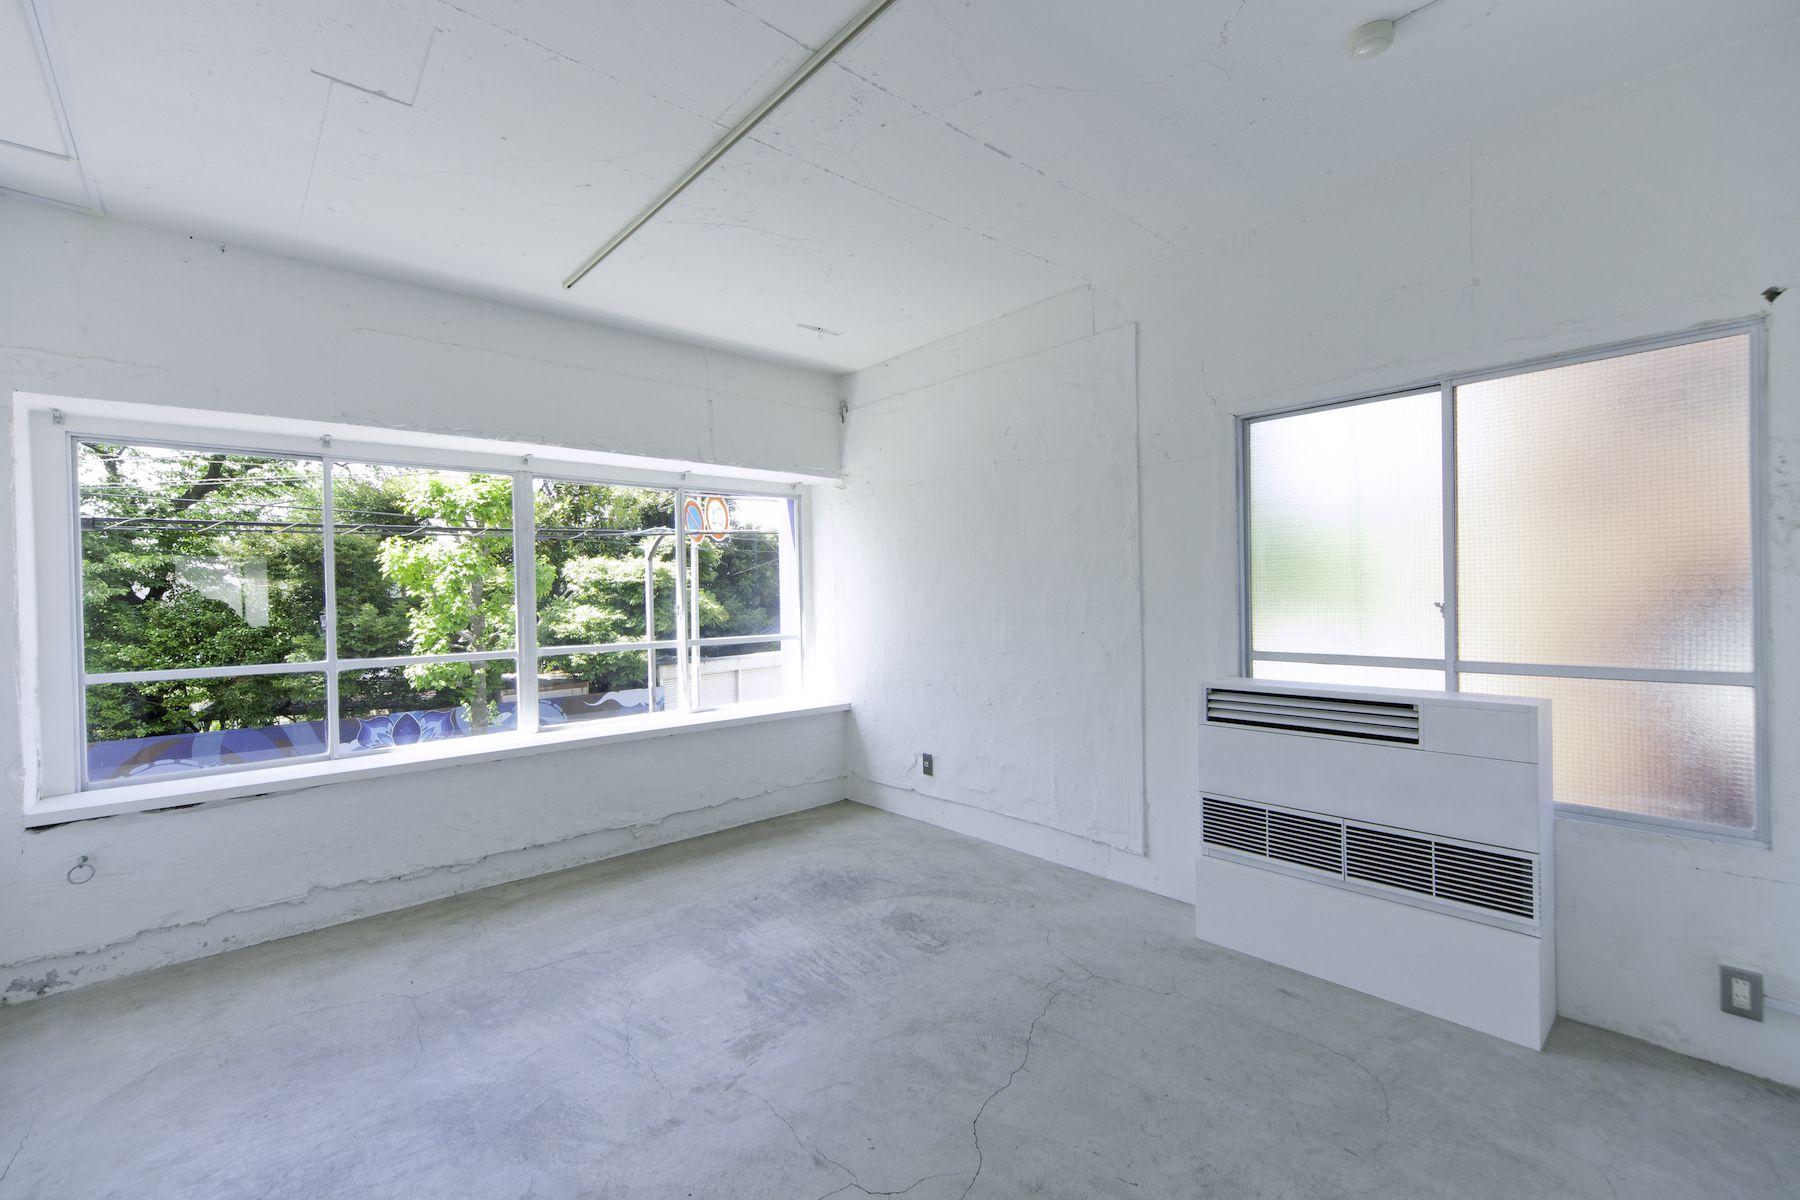 LEERES STUDIO (リアレススタジオ)小部屋 窓/2F